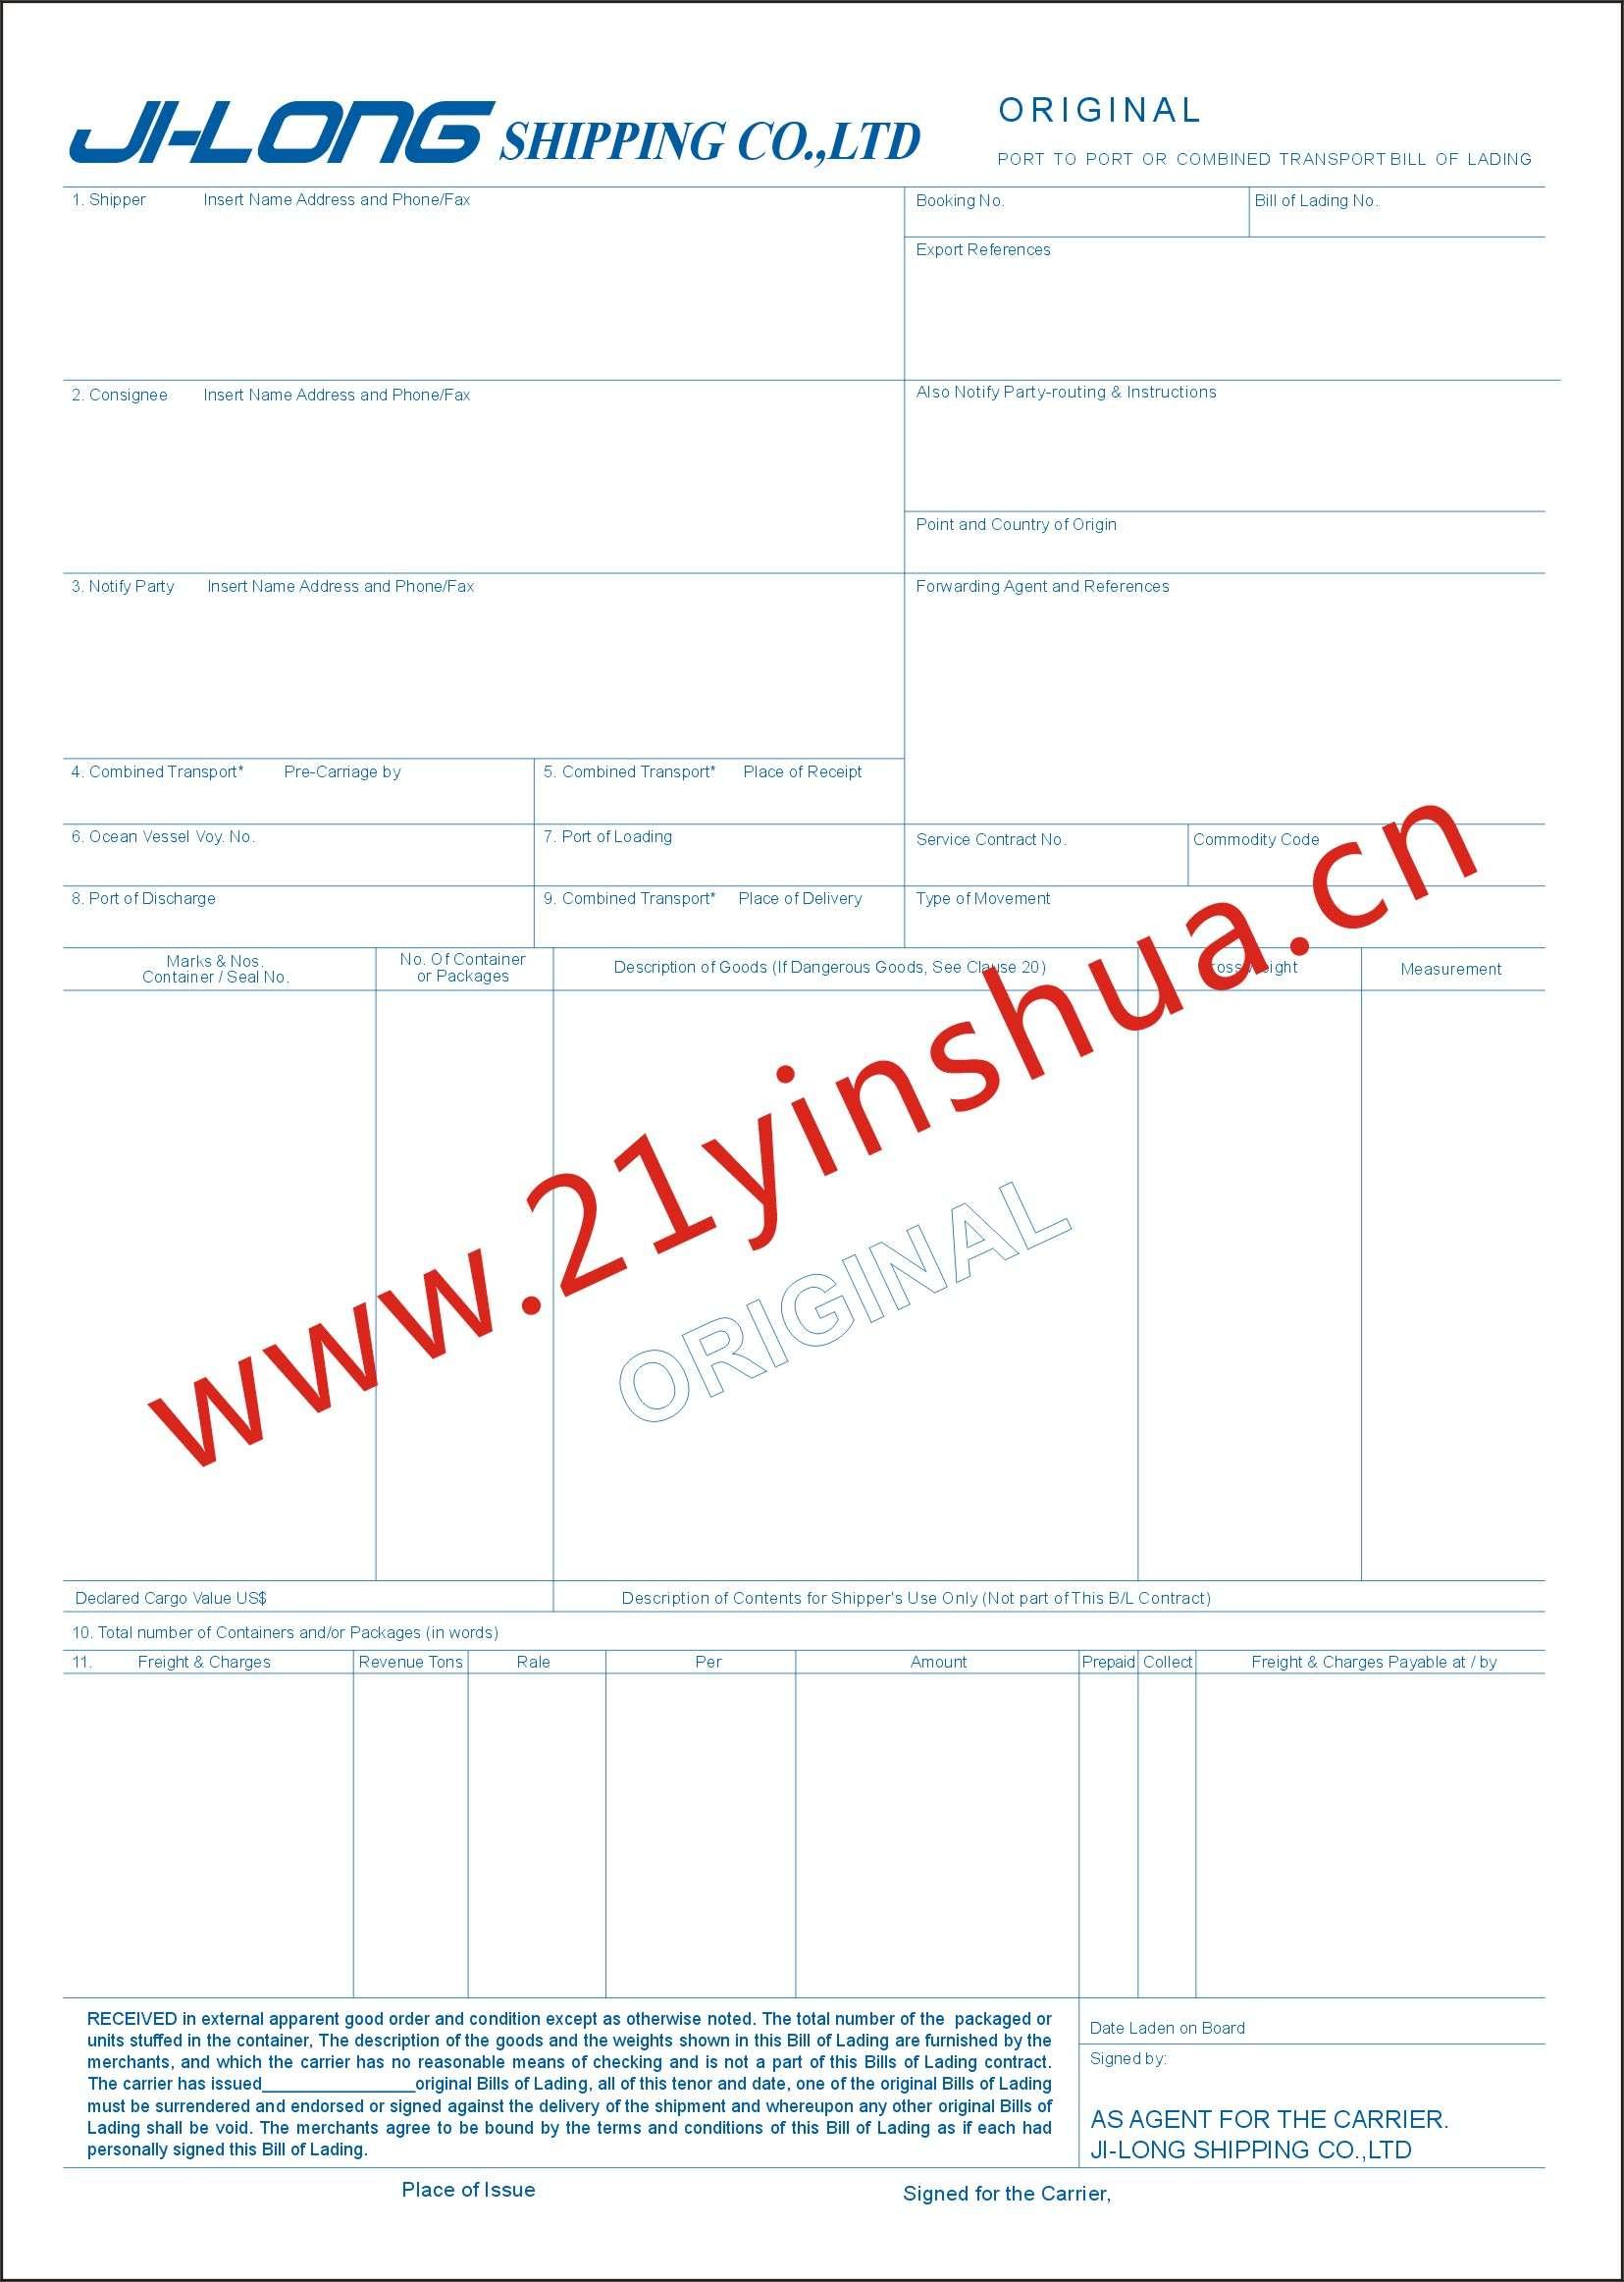 印刷定制海运提单 JI-LONG SHIPPING CO.,LTD 成功案例